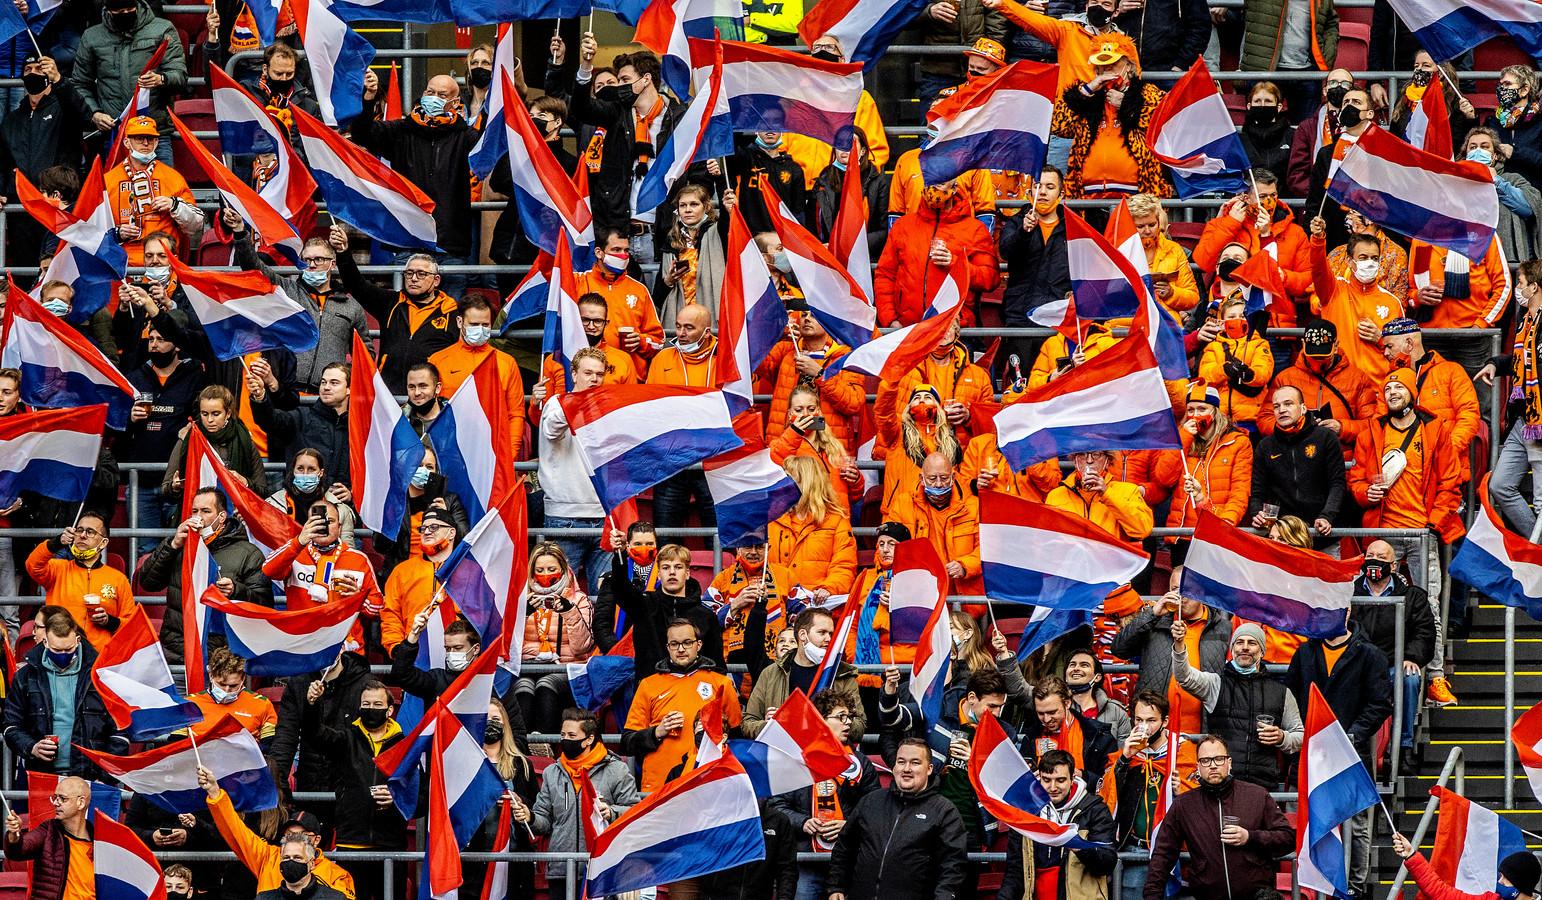 Oranje-fans bij het duel met Letland. In die wedstrijd mochten 5000 supporters aanwezig zijn.